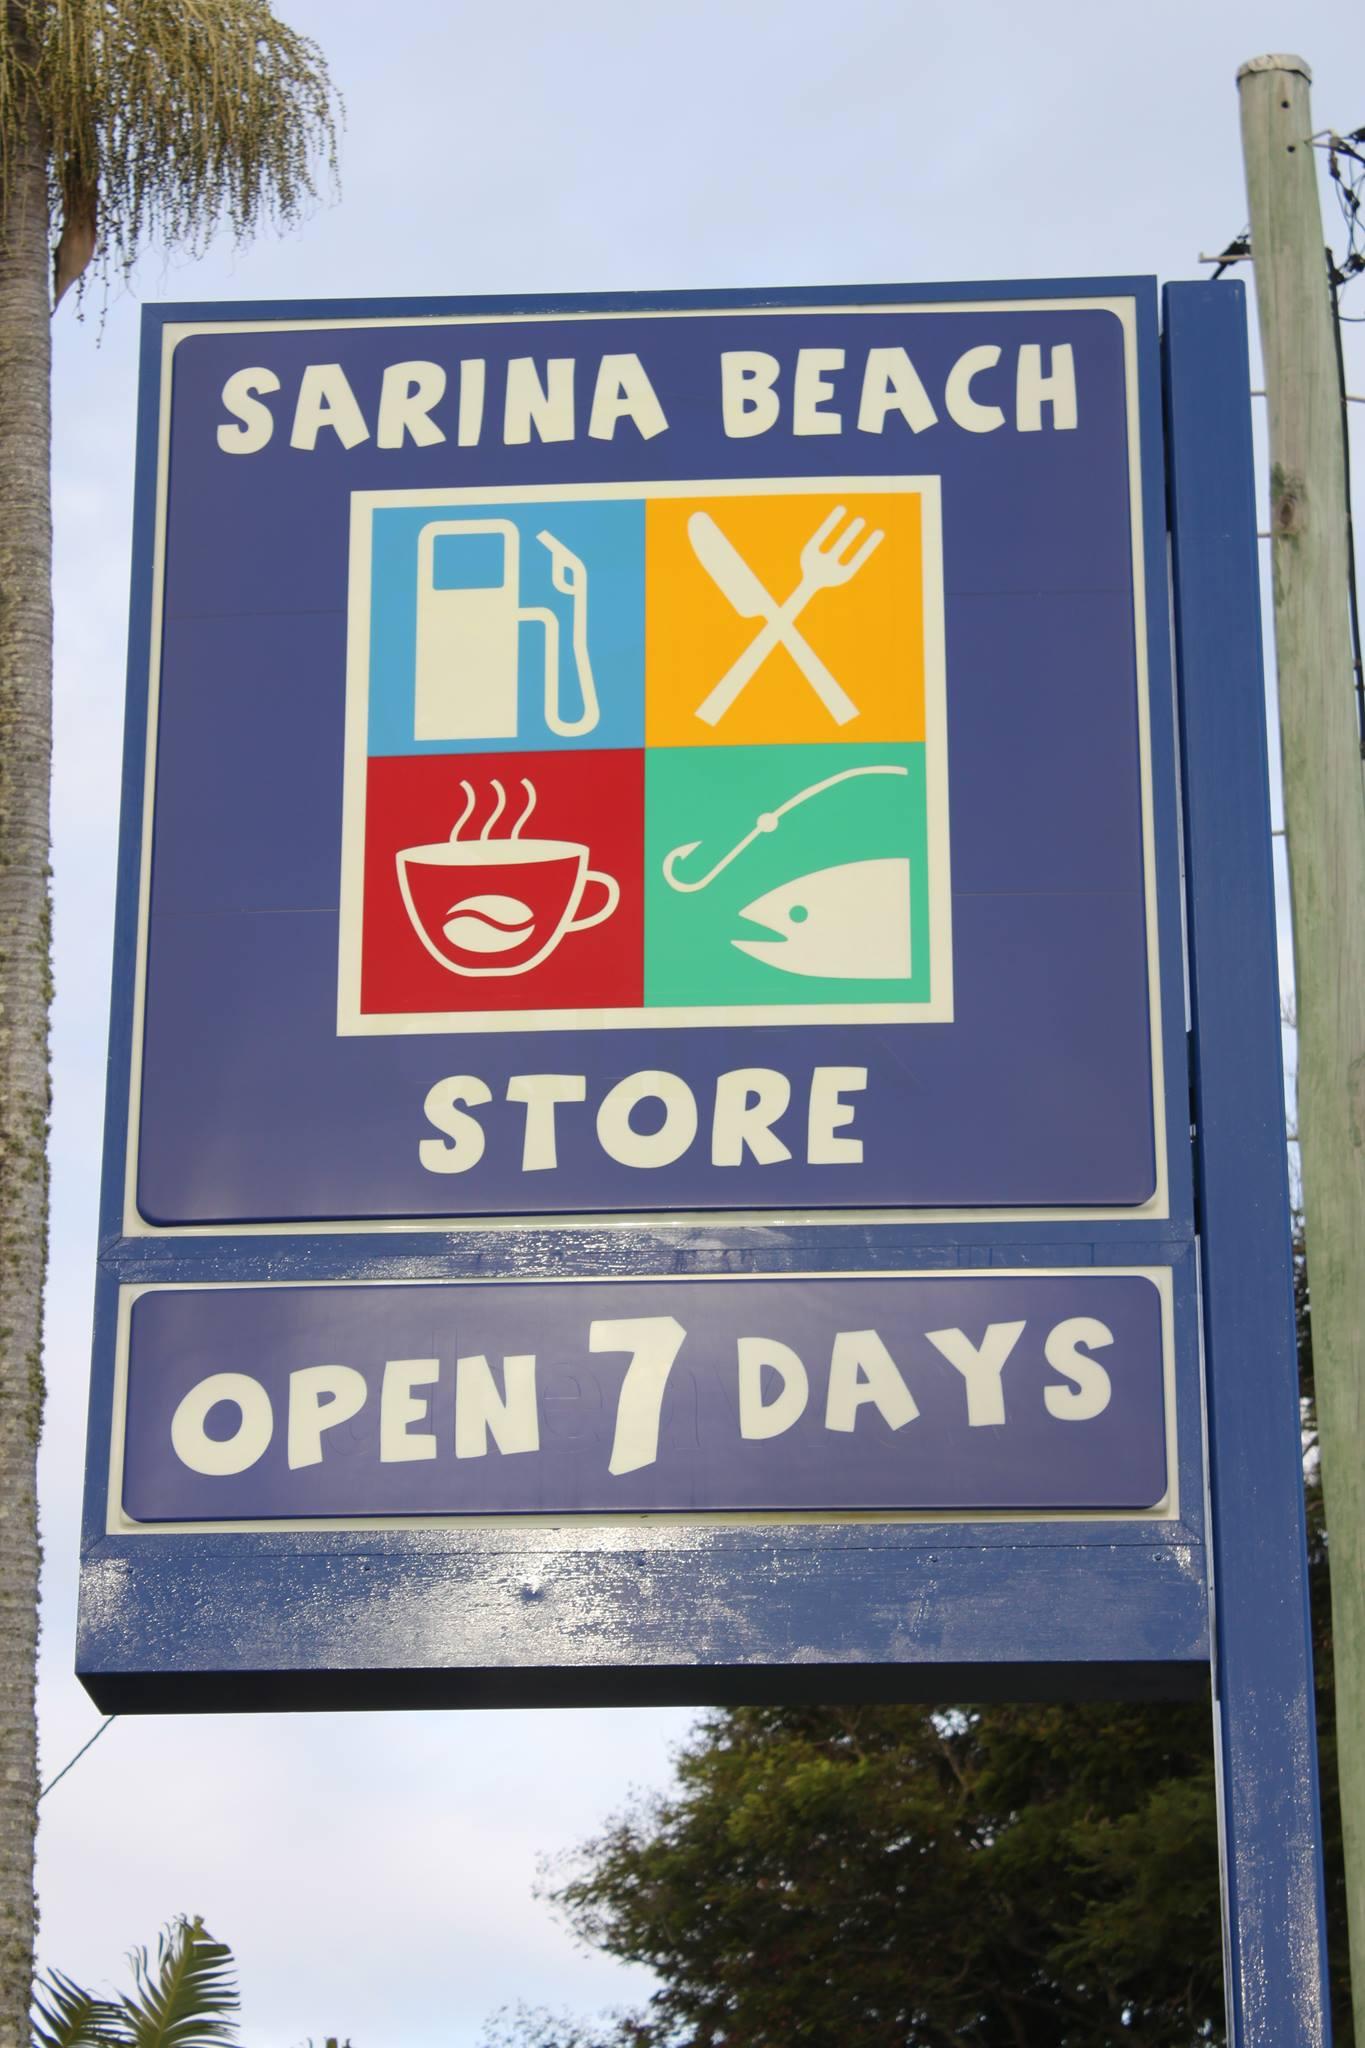 Sarina Beach Store